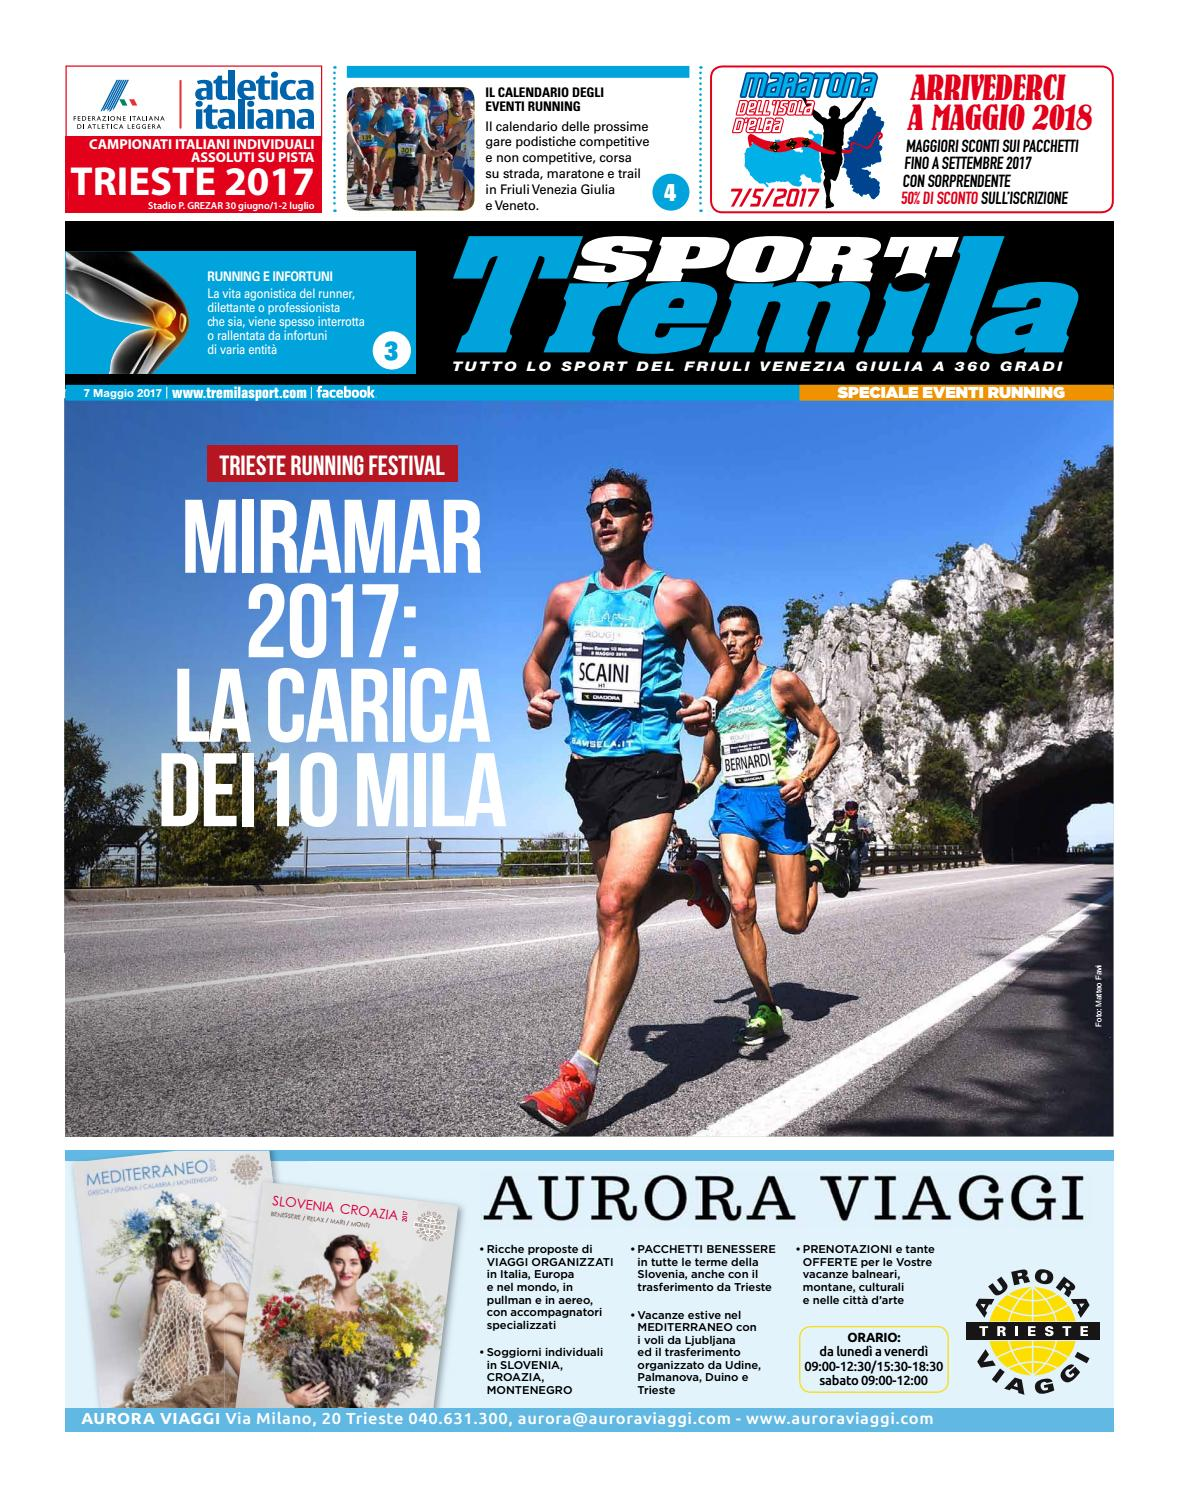 Calendario Delle Prossime Gare Di Podismo.Eventi Running Tabloid Tremilasport 7maggio2017 By